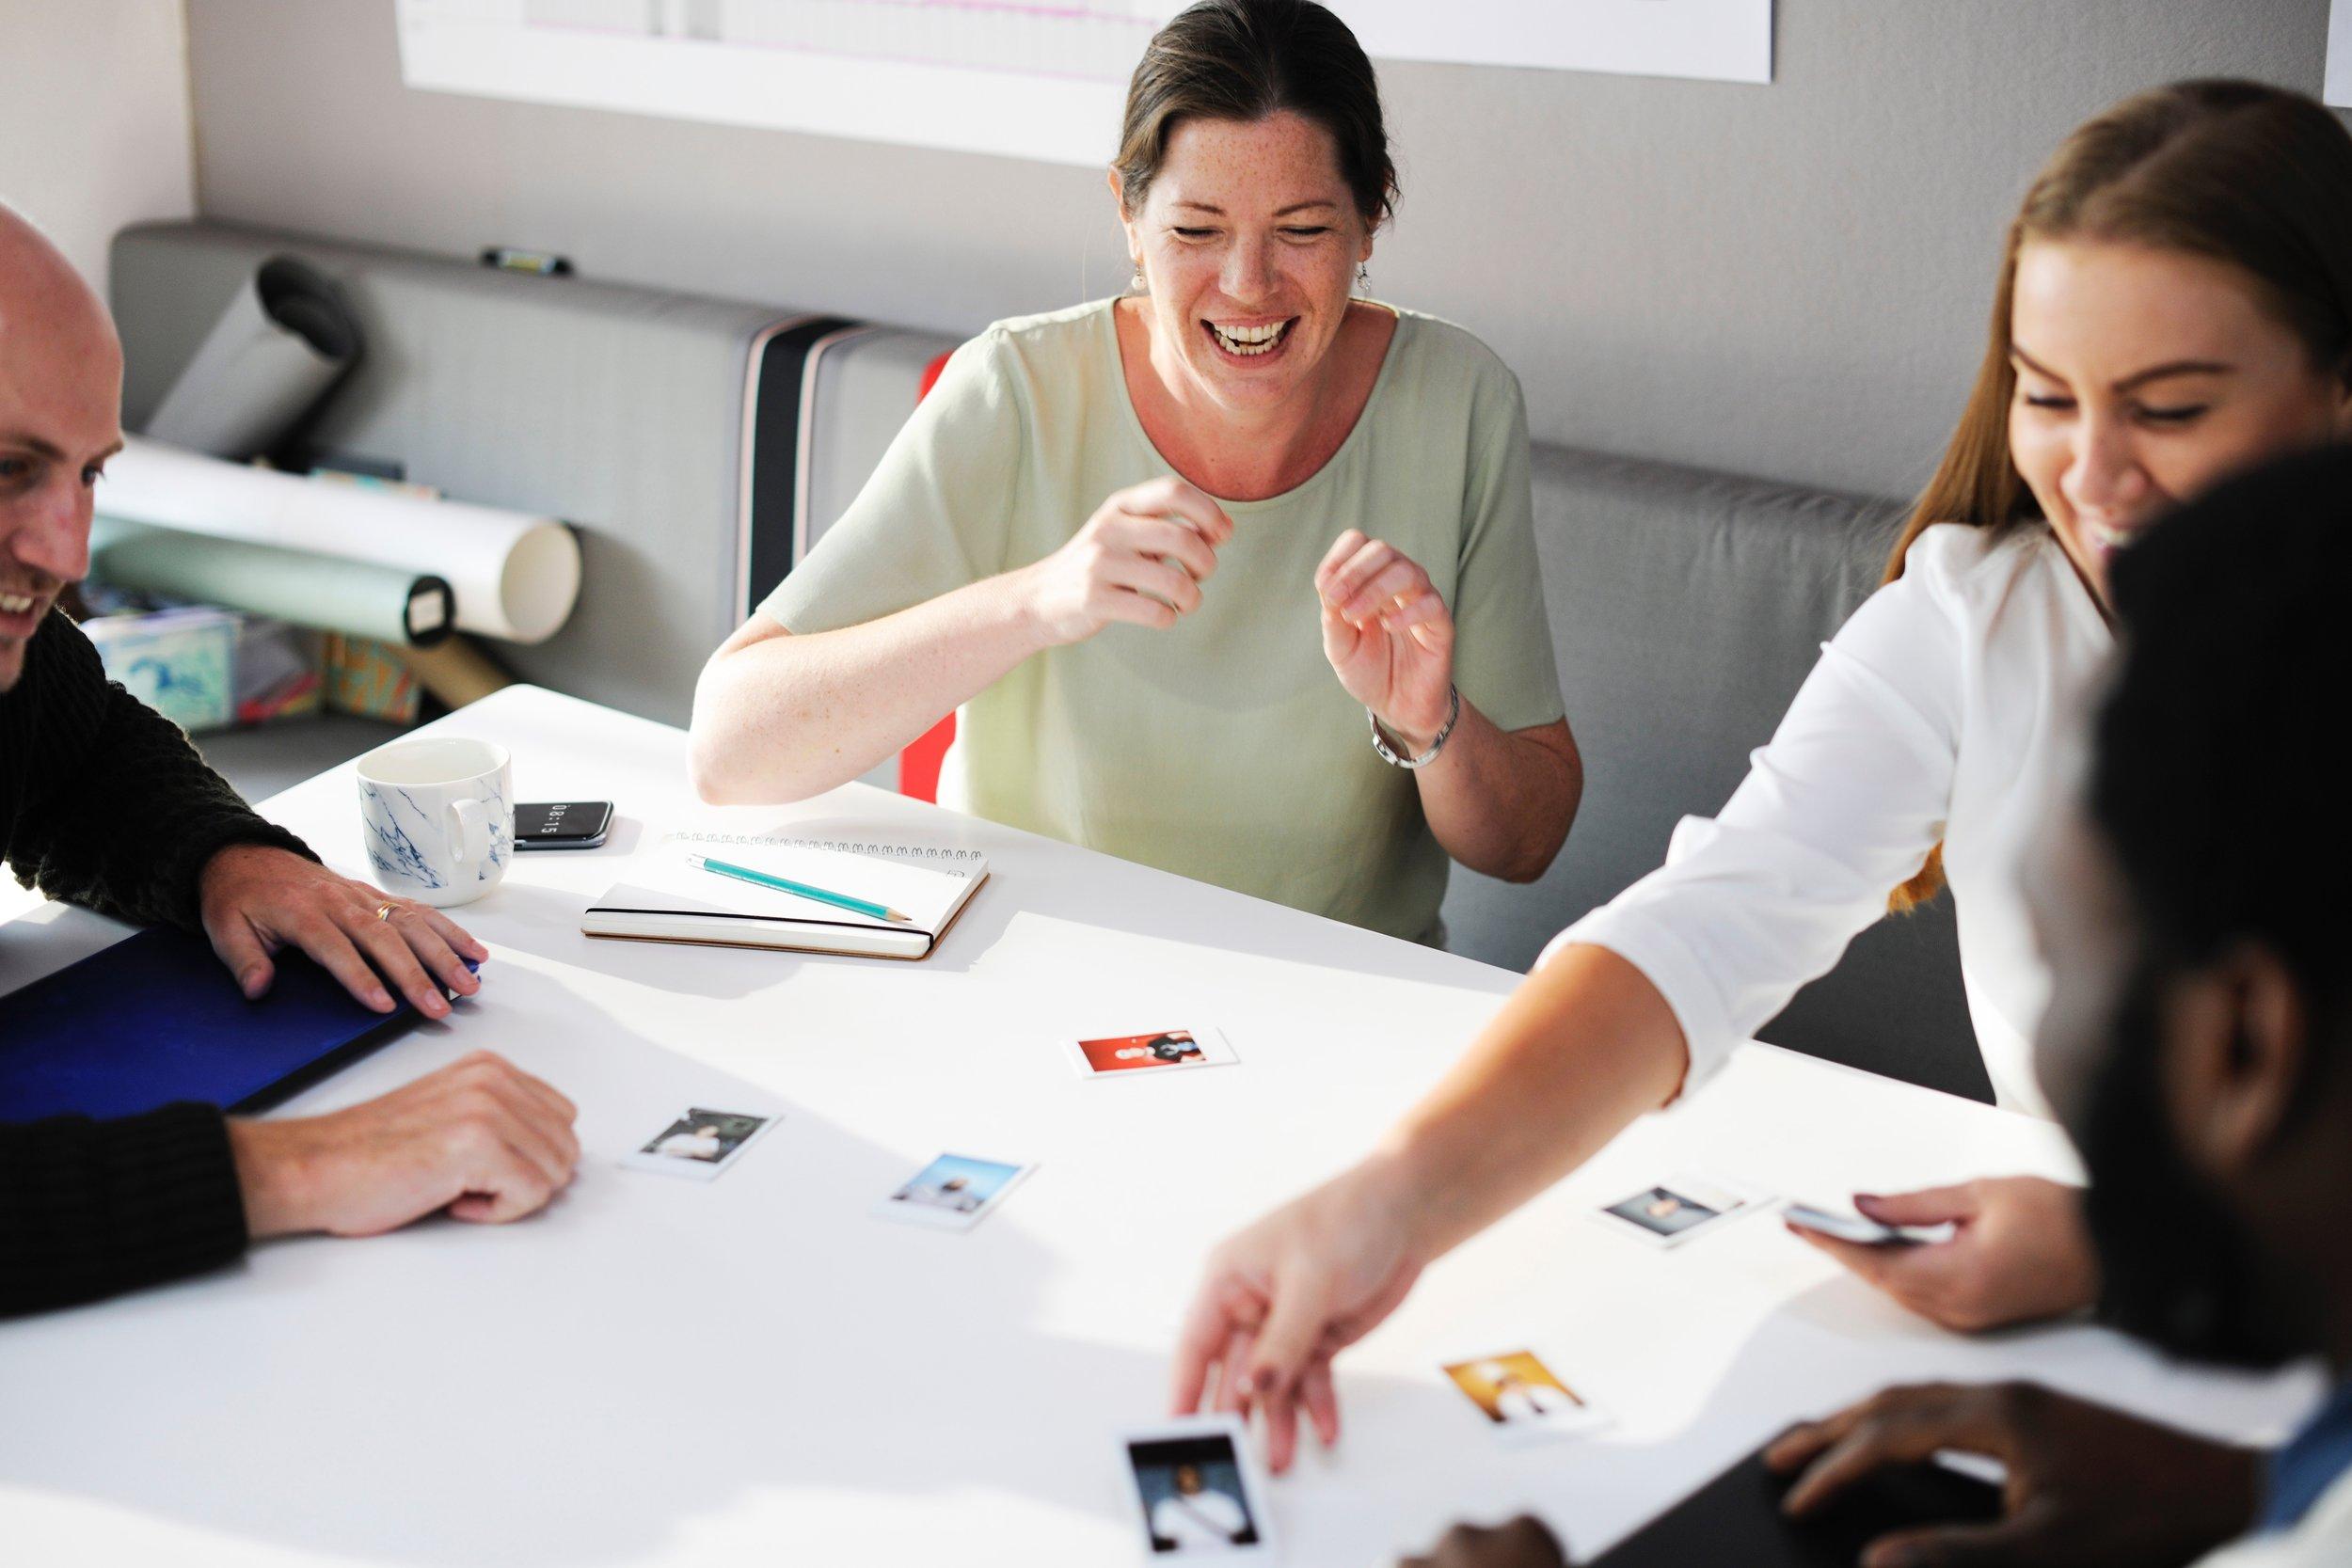 adult-brainstorming-business-515169.jpg